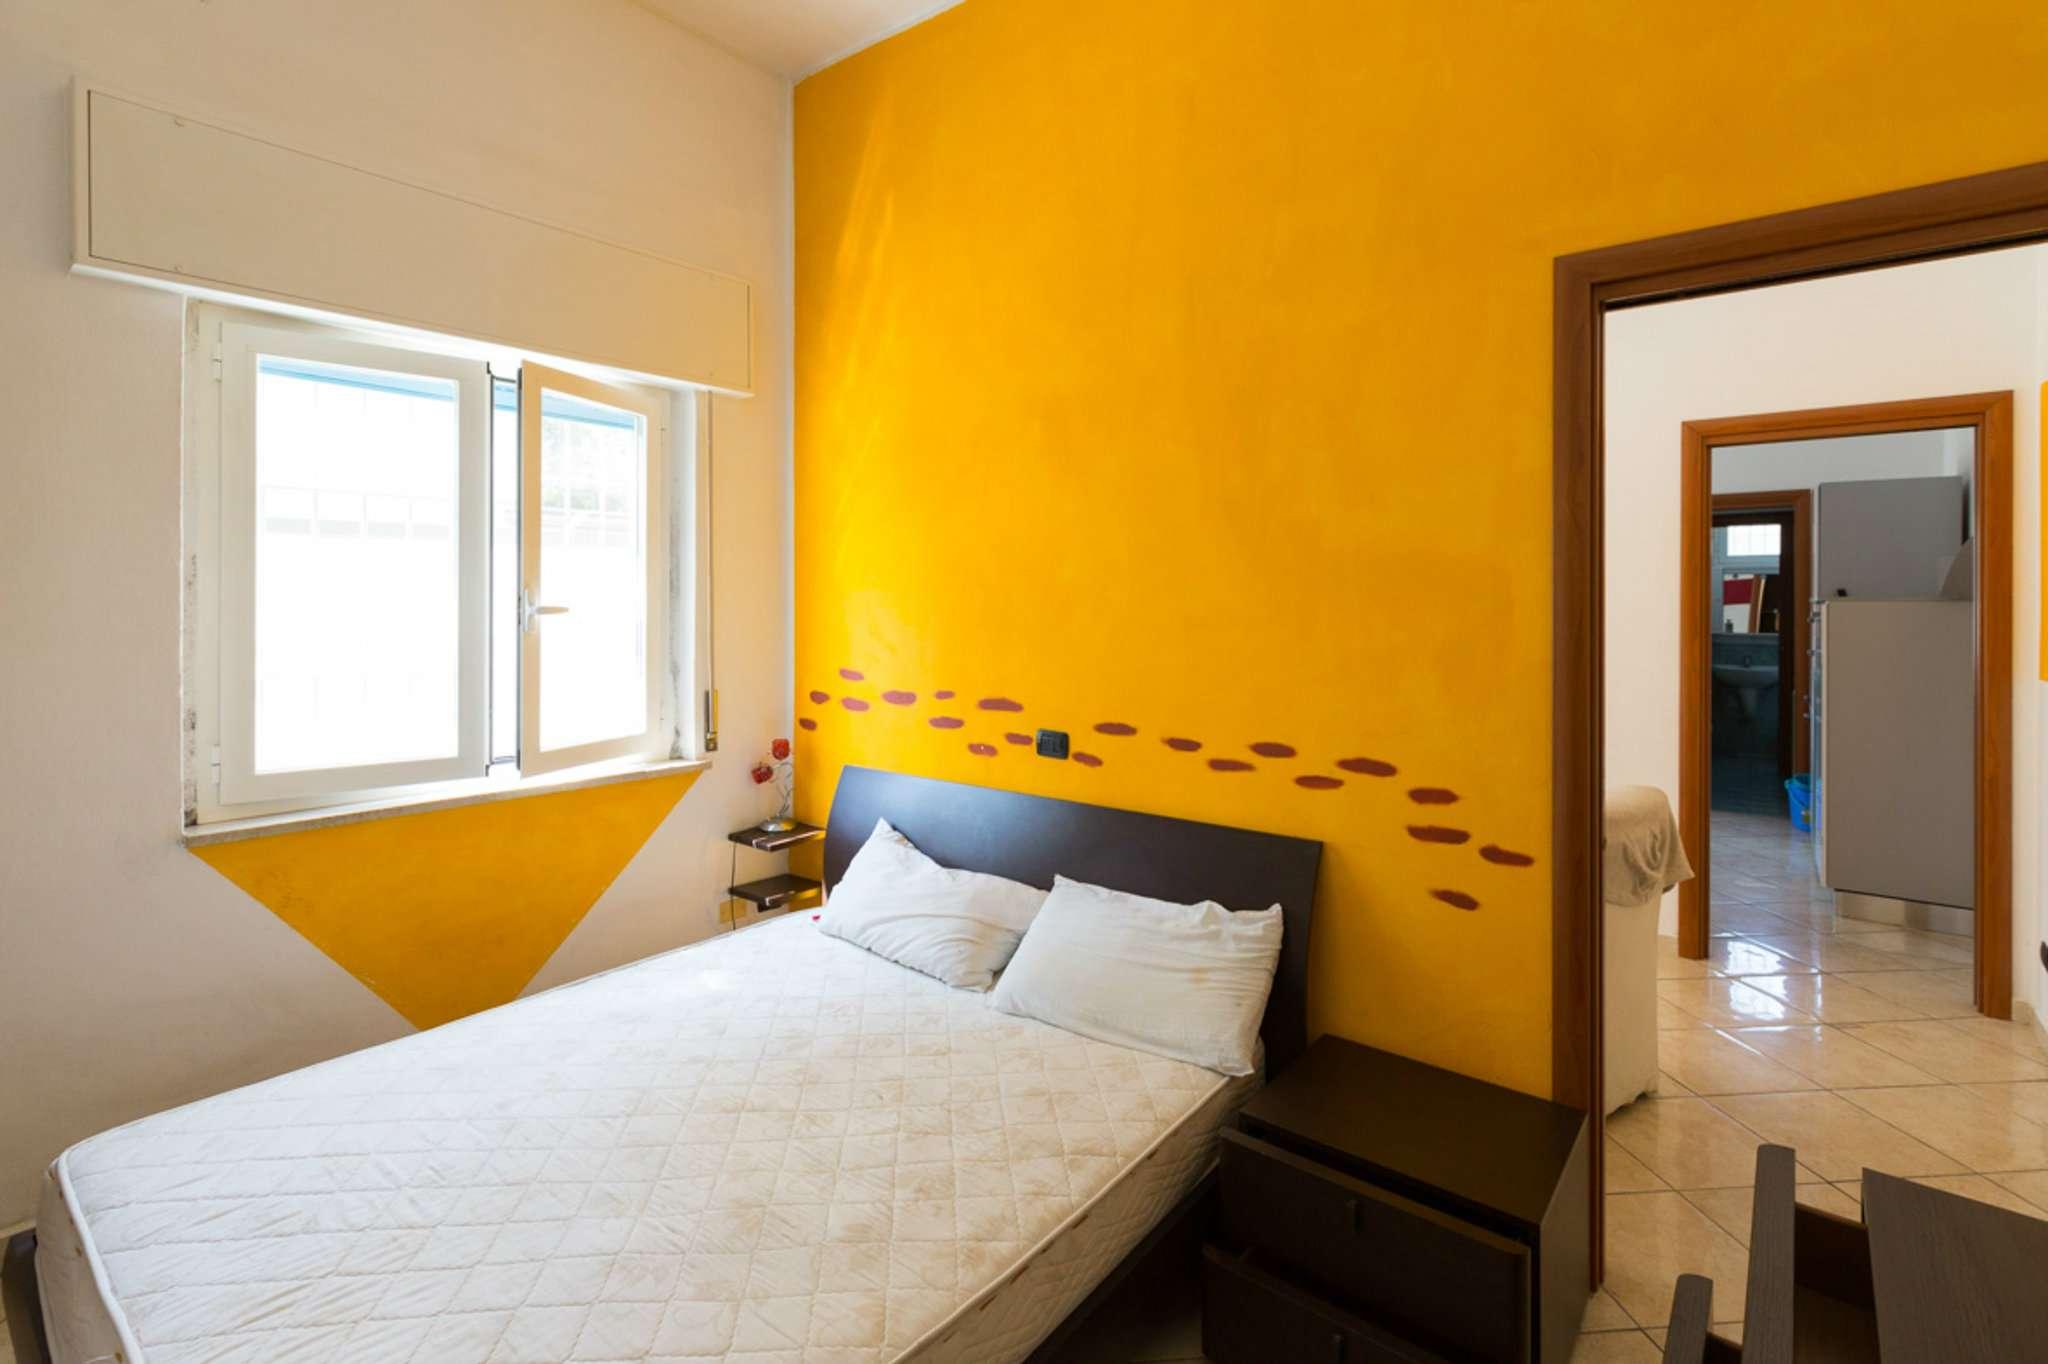 Appartamento in vendita a Segrate, 3 locali, prezzo € 129.000 | Cambio Casa.it